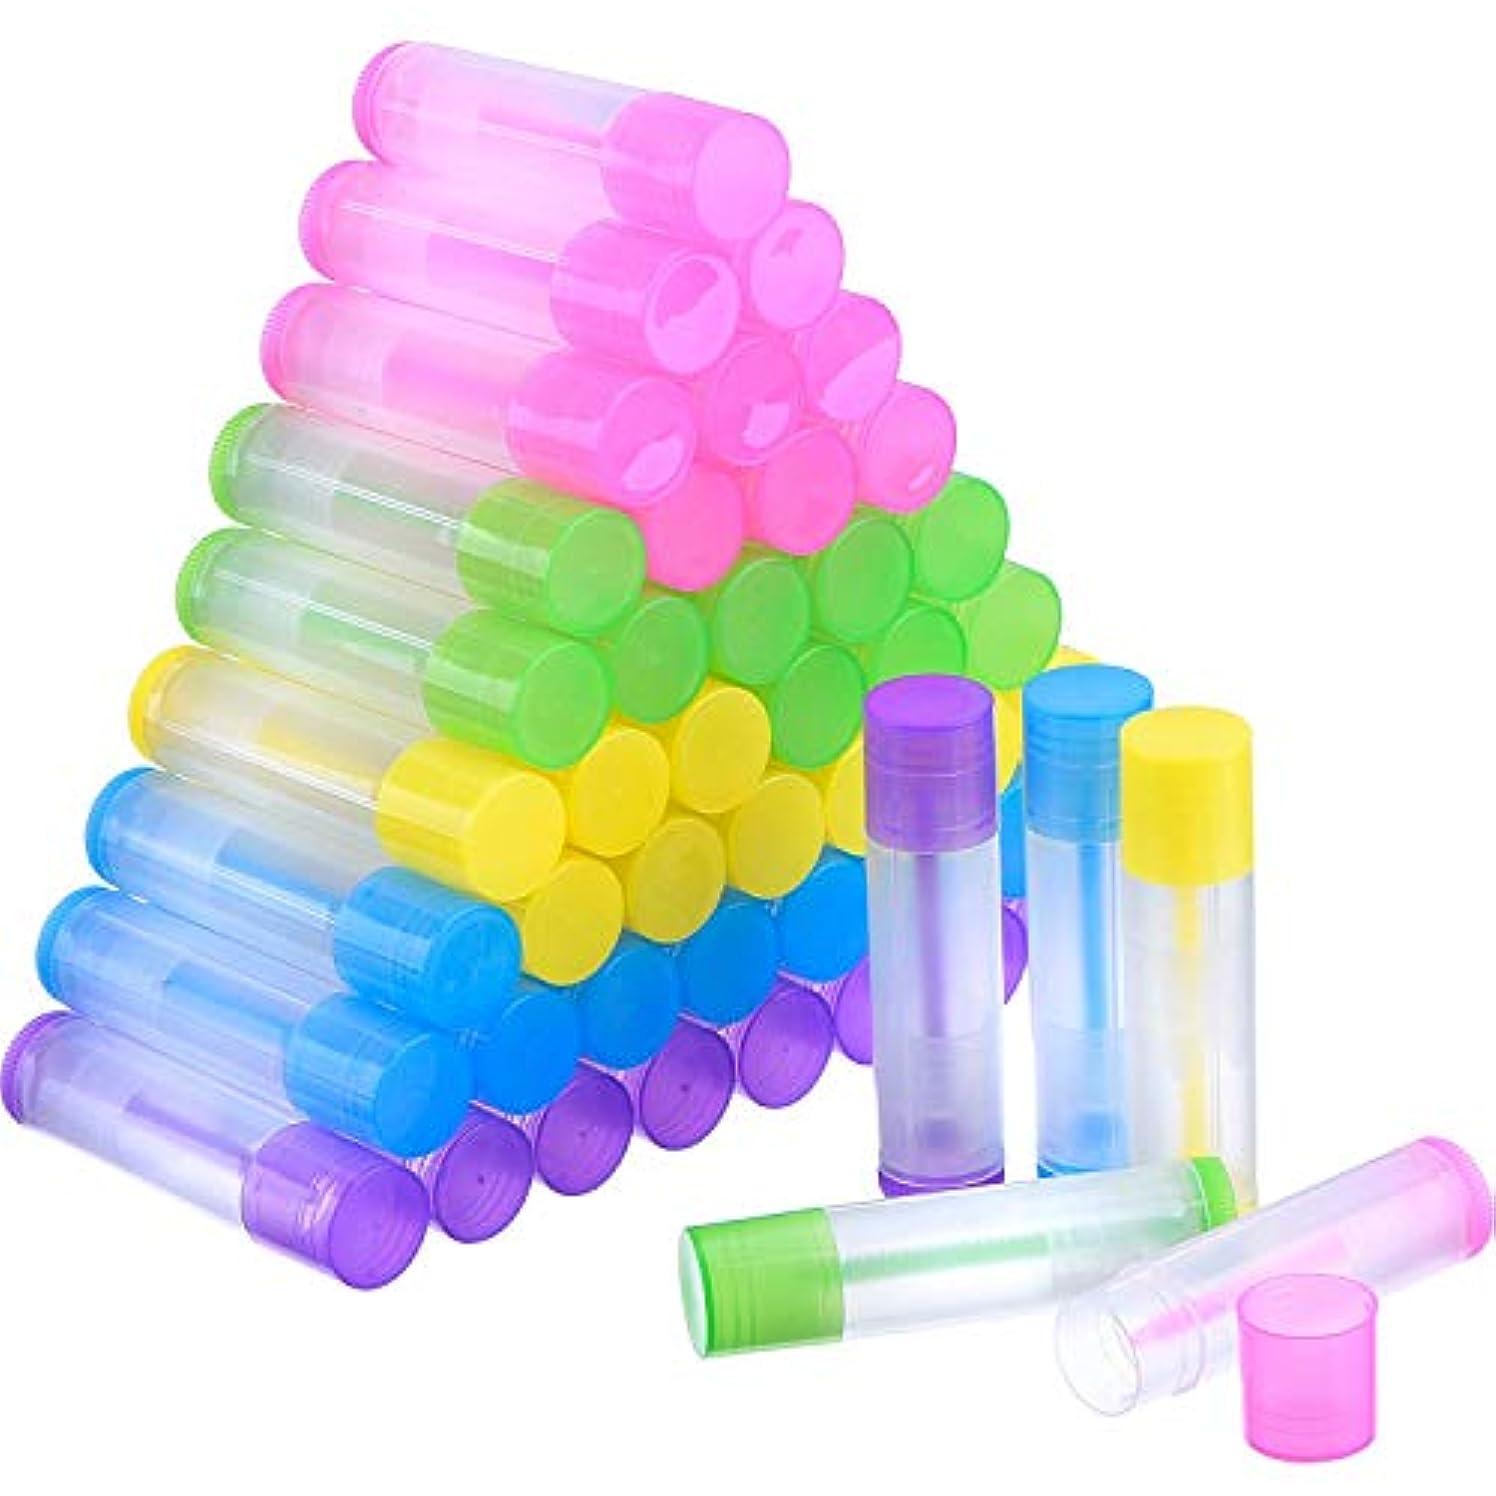 藤色ソーシャルお風呂を持っているCOOLBOTANG リップバームチューブ リップクリーム 繰り出し 手作りコスメ 手作り化粧品/リップクリーム 50個 5.5ml 詰め替え容器(5色)